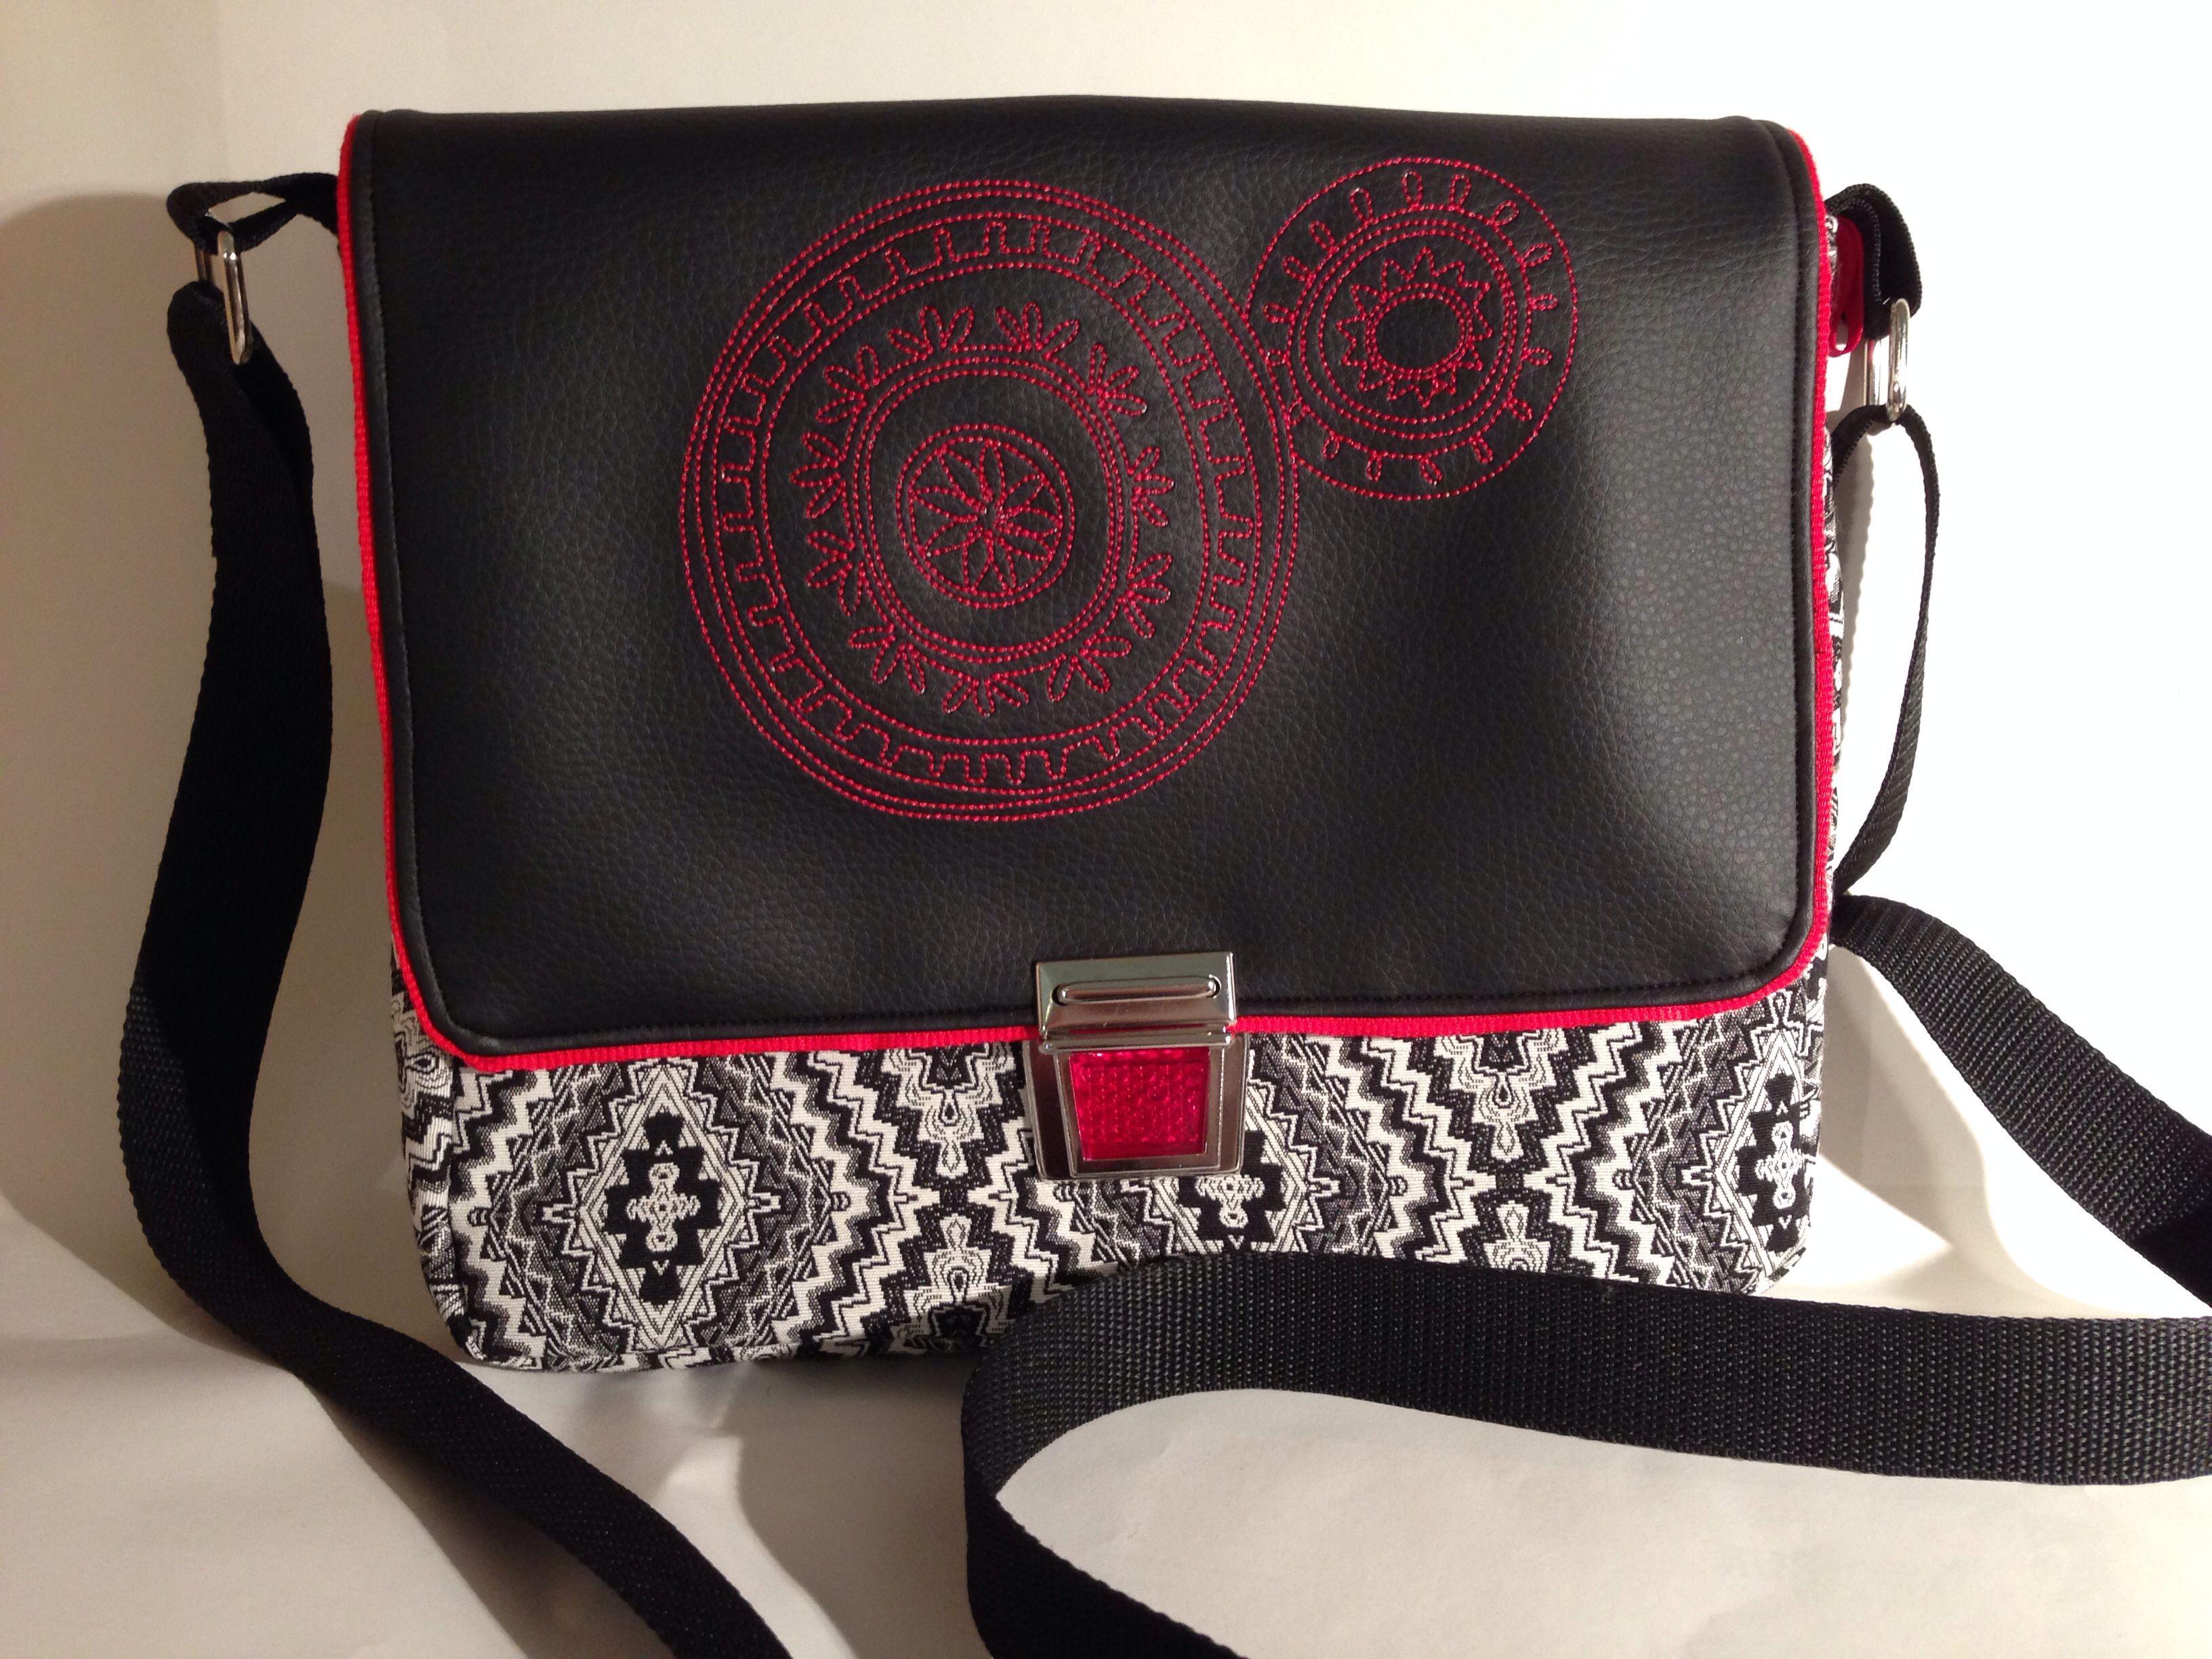 Umschlagtasche mit roter Stickerei auf Kunstleder